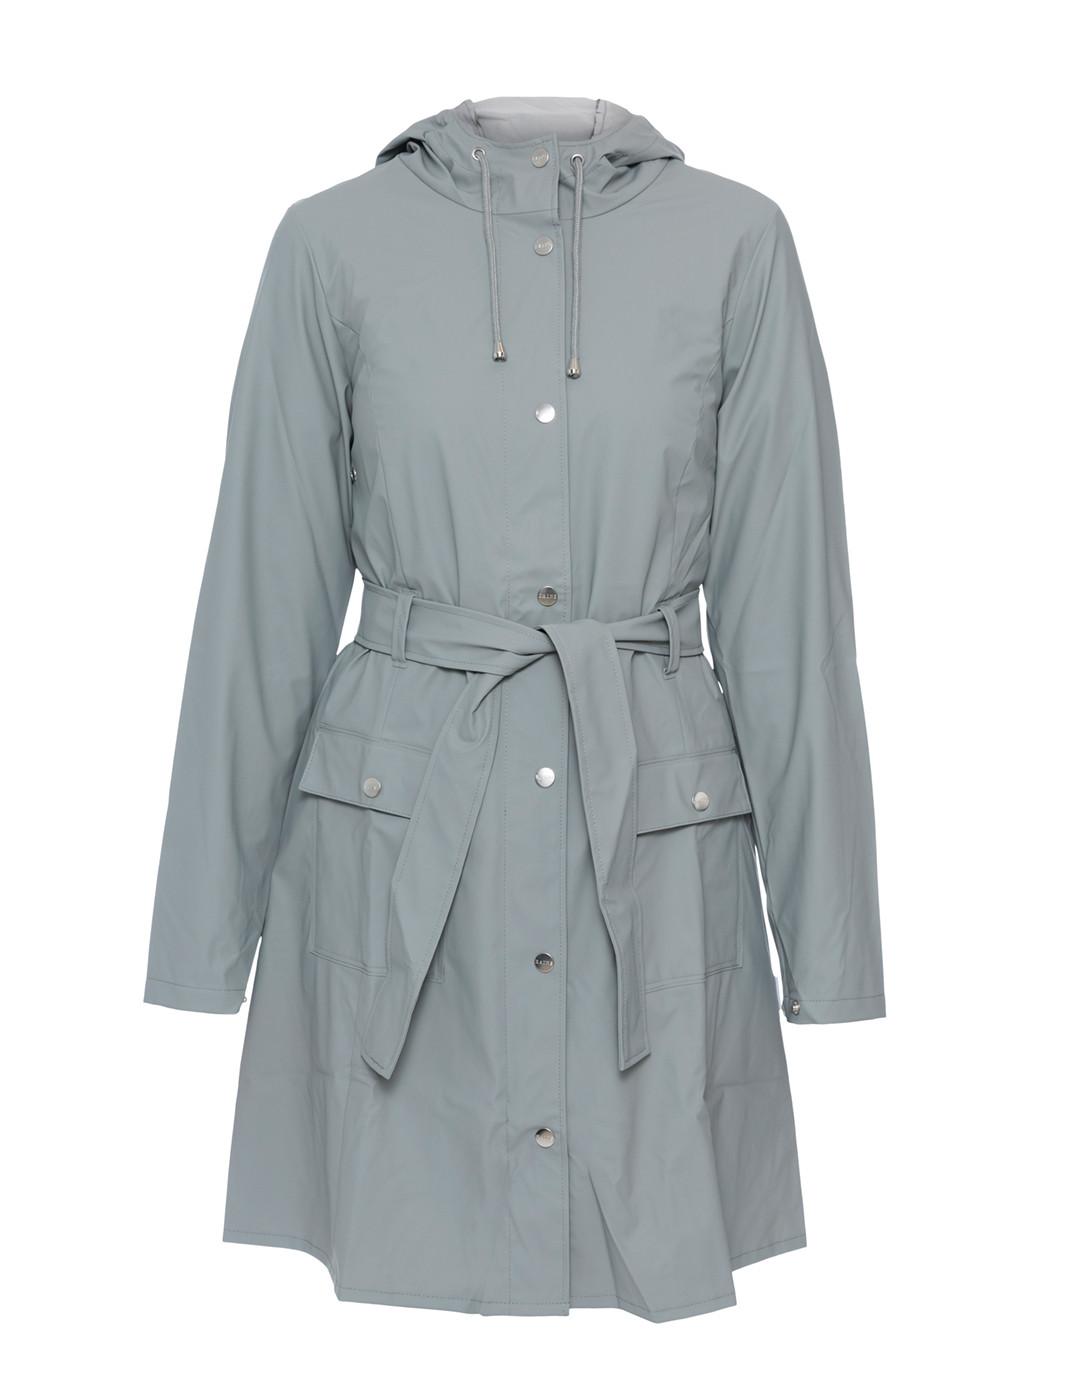 057f3f6ef Stone Curve Waterproof Raincoat | Rains | Halsbrook